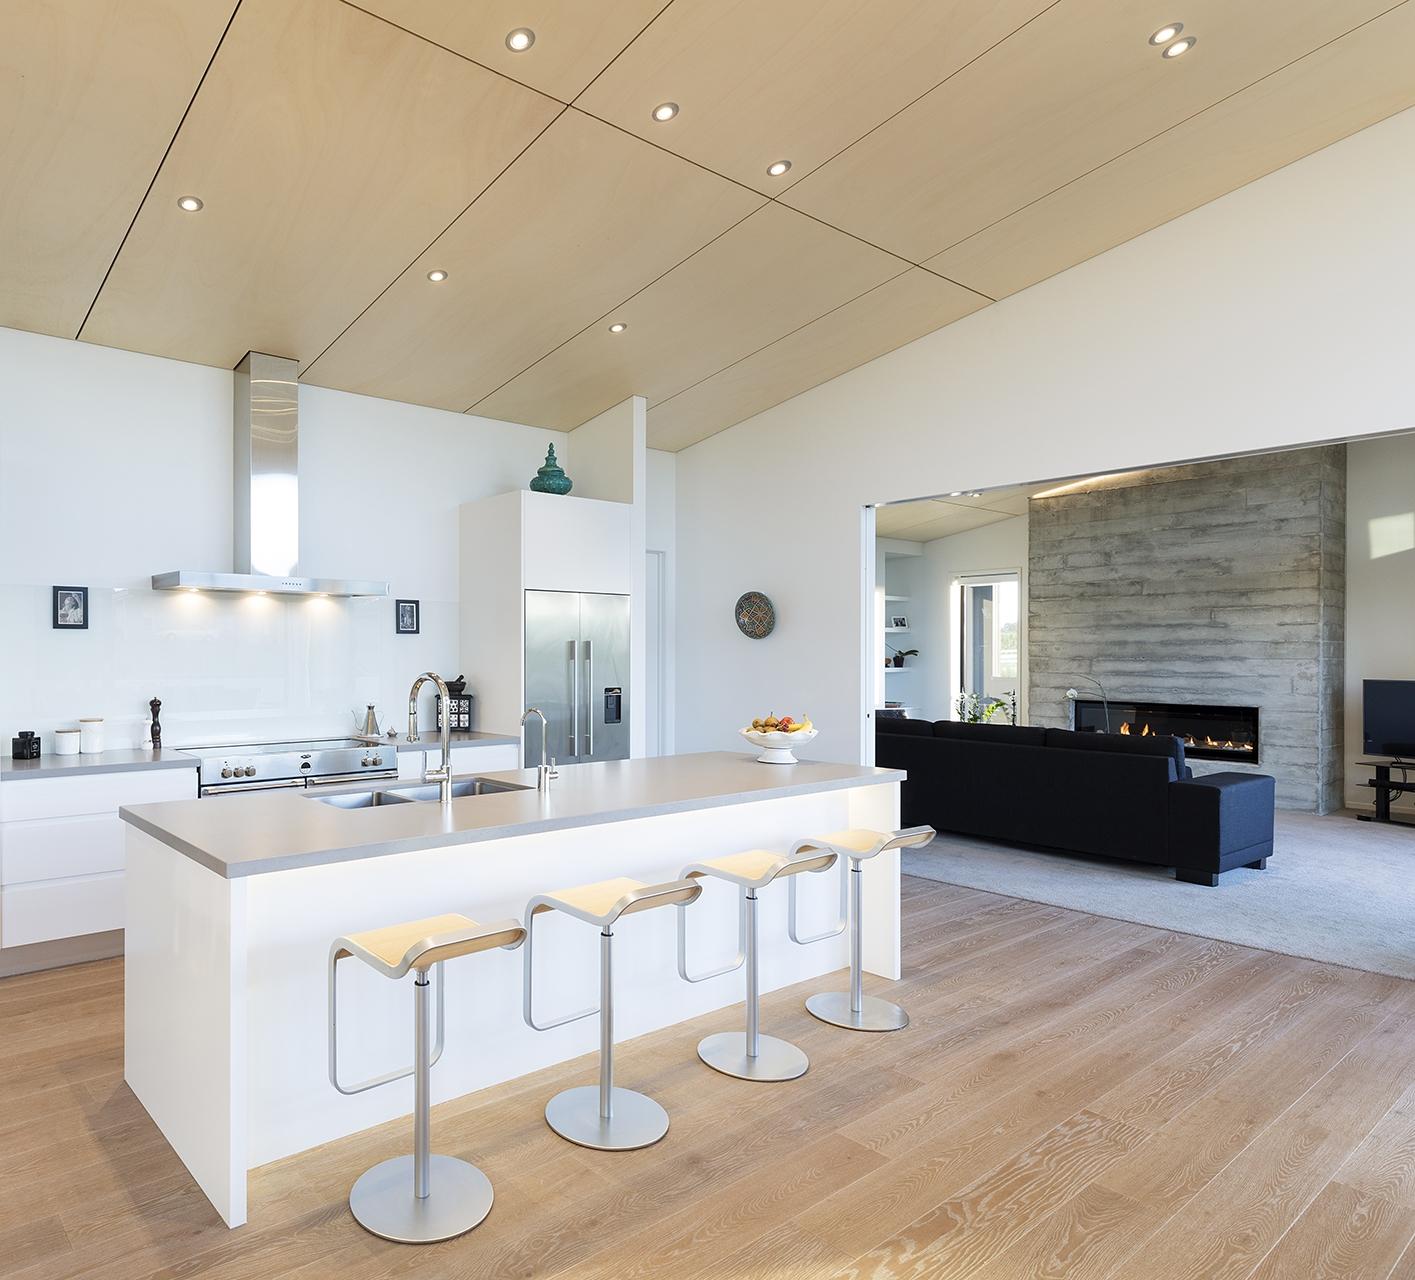 Insight_Tauranga_New_Home_Kitchen.jpg